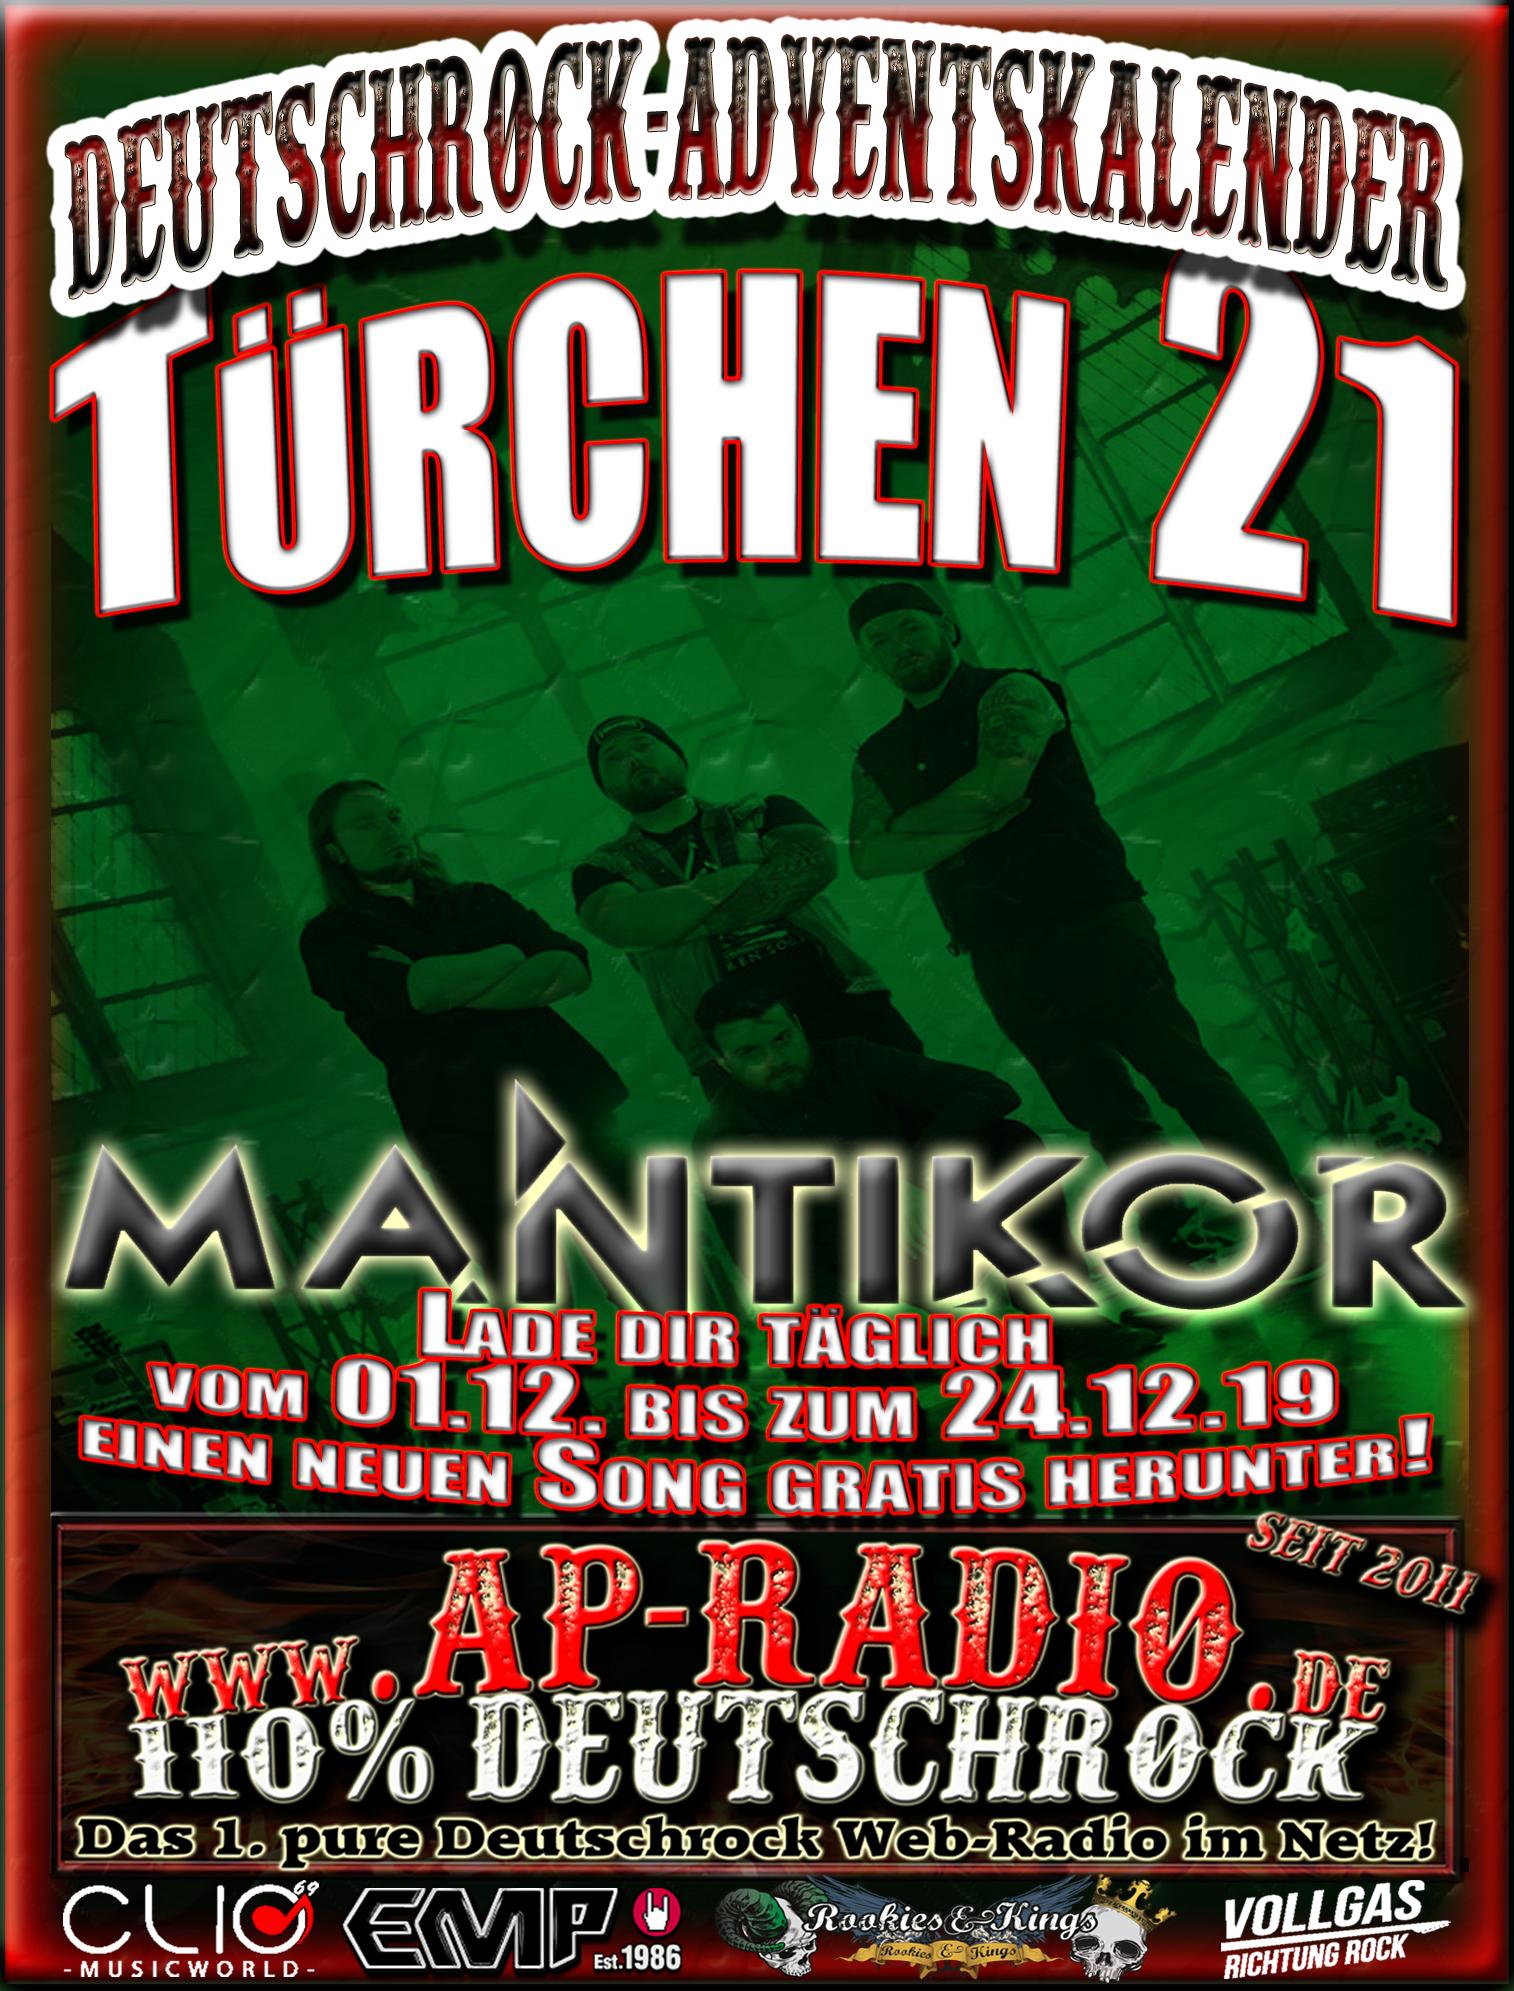 Mantikor (Download abgelaufen)